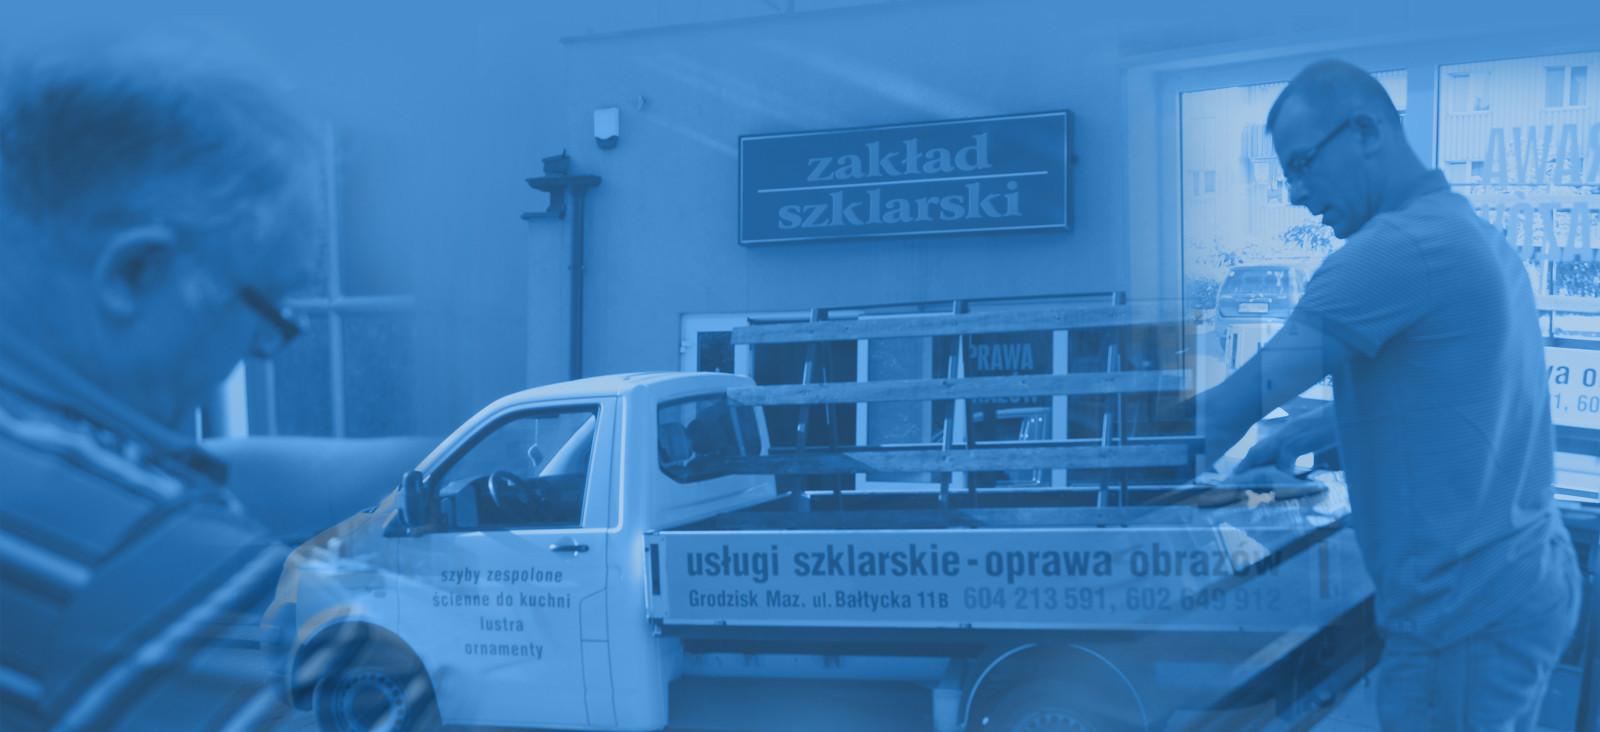 Usługi szklarskie - Grodzisk Mazowiecki